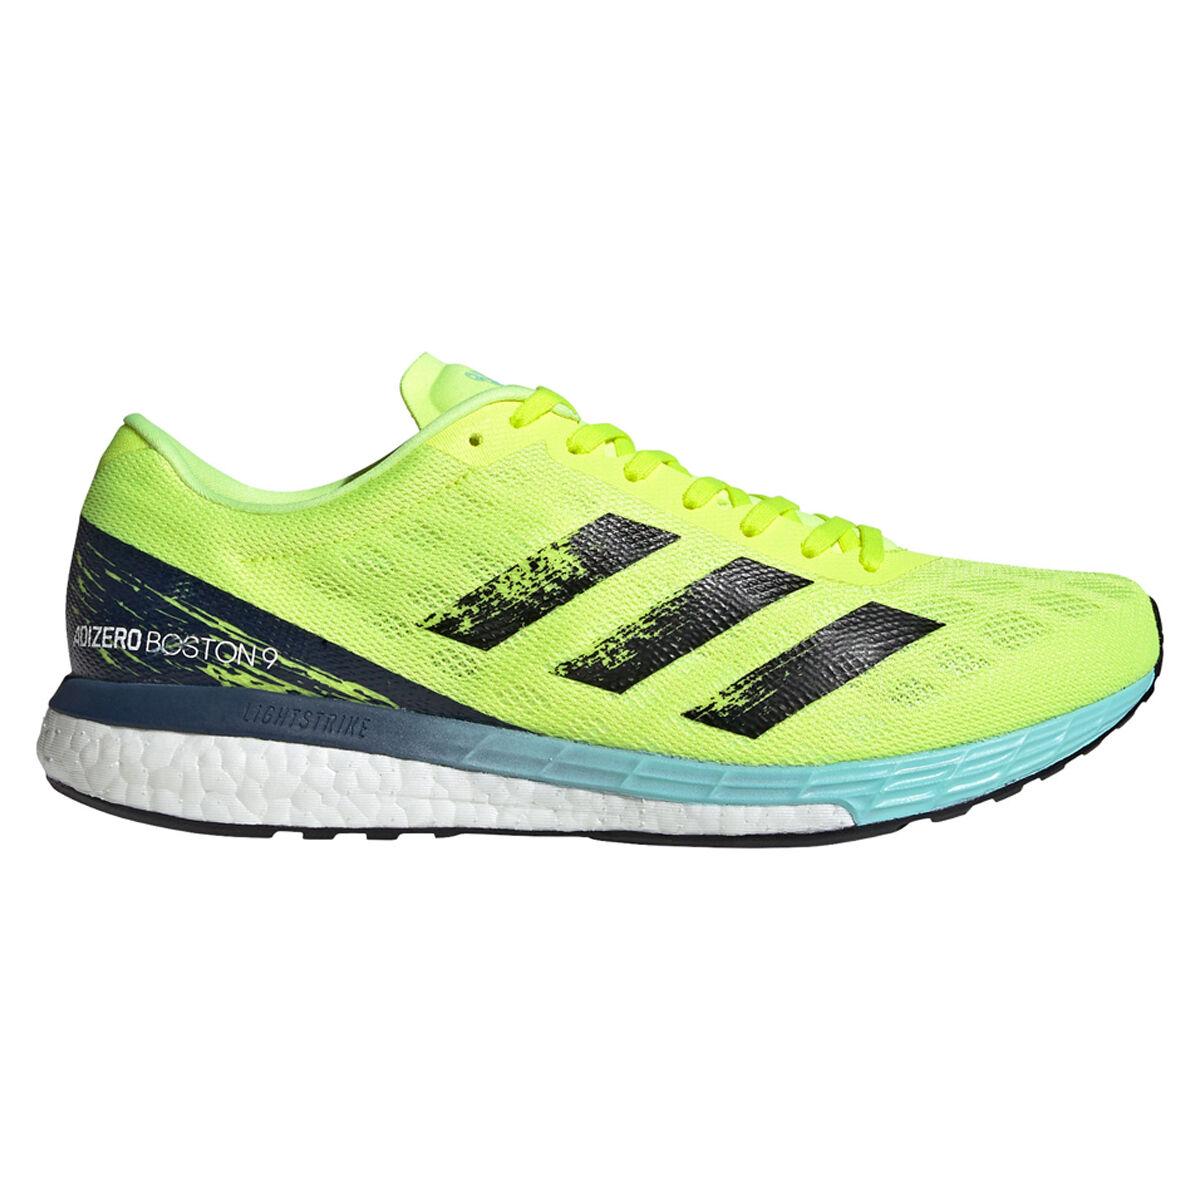 adidas Adizero Boston 9 Mens Running Shoes